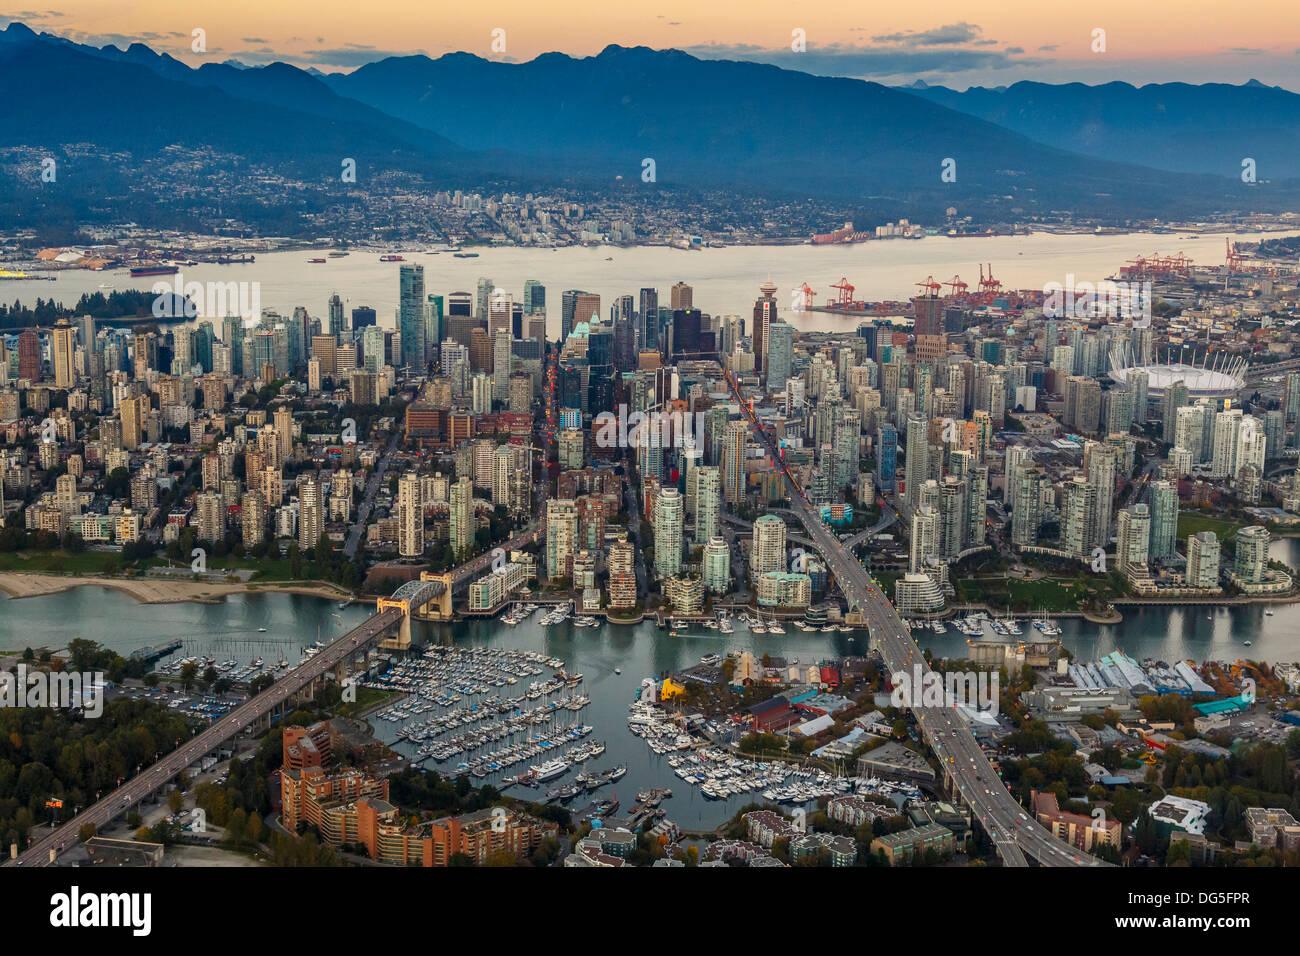 El centro de Vancouver, British Columbia, Canadá desde el aire con Granville Island en primer plano Imagen De Stock